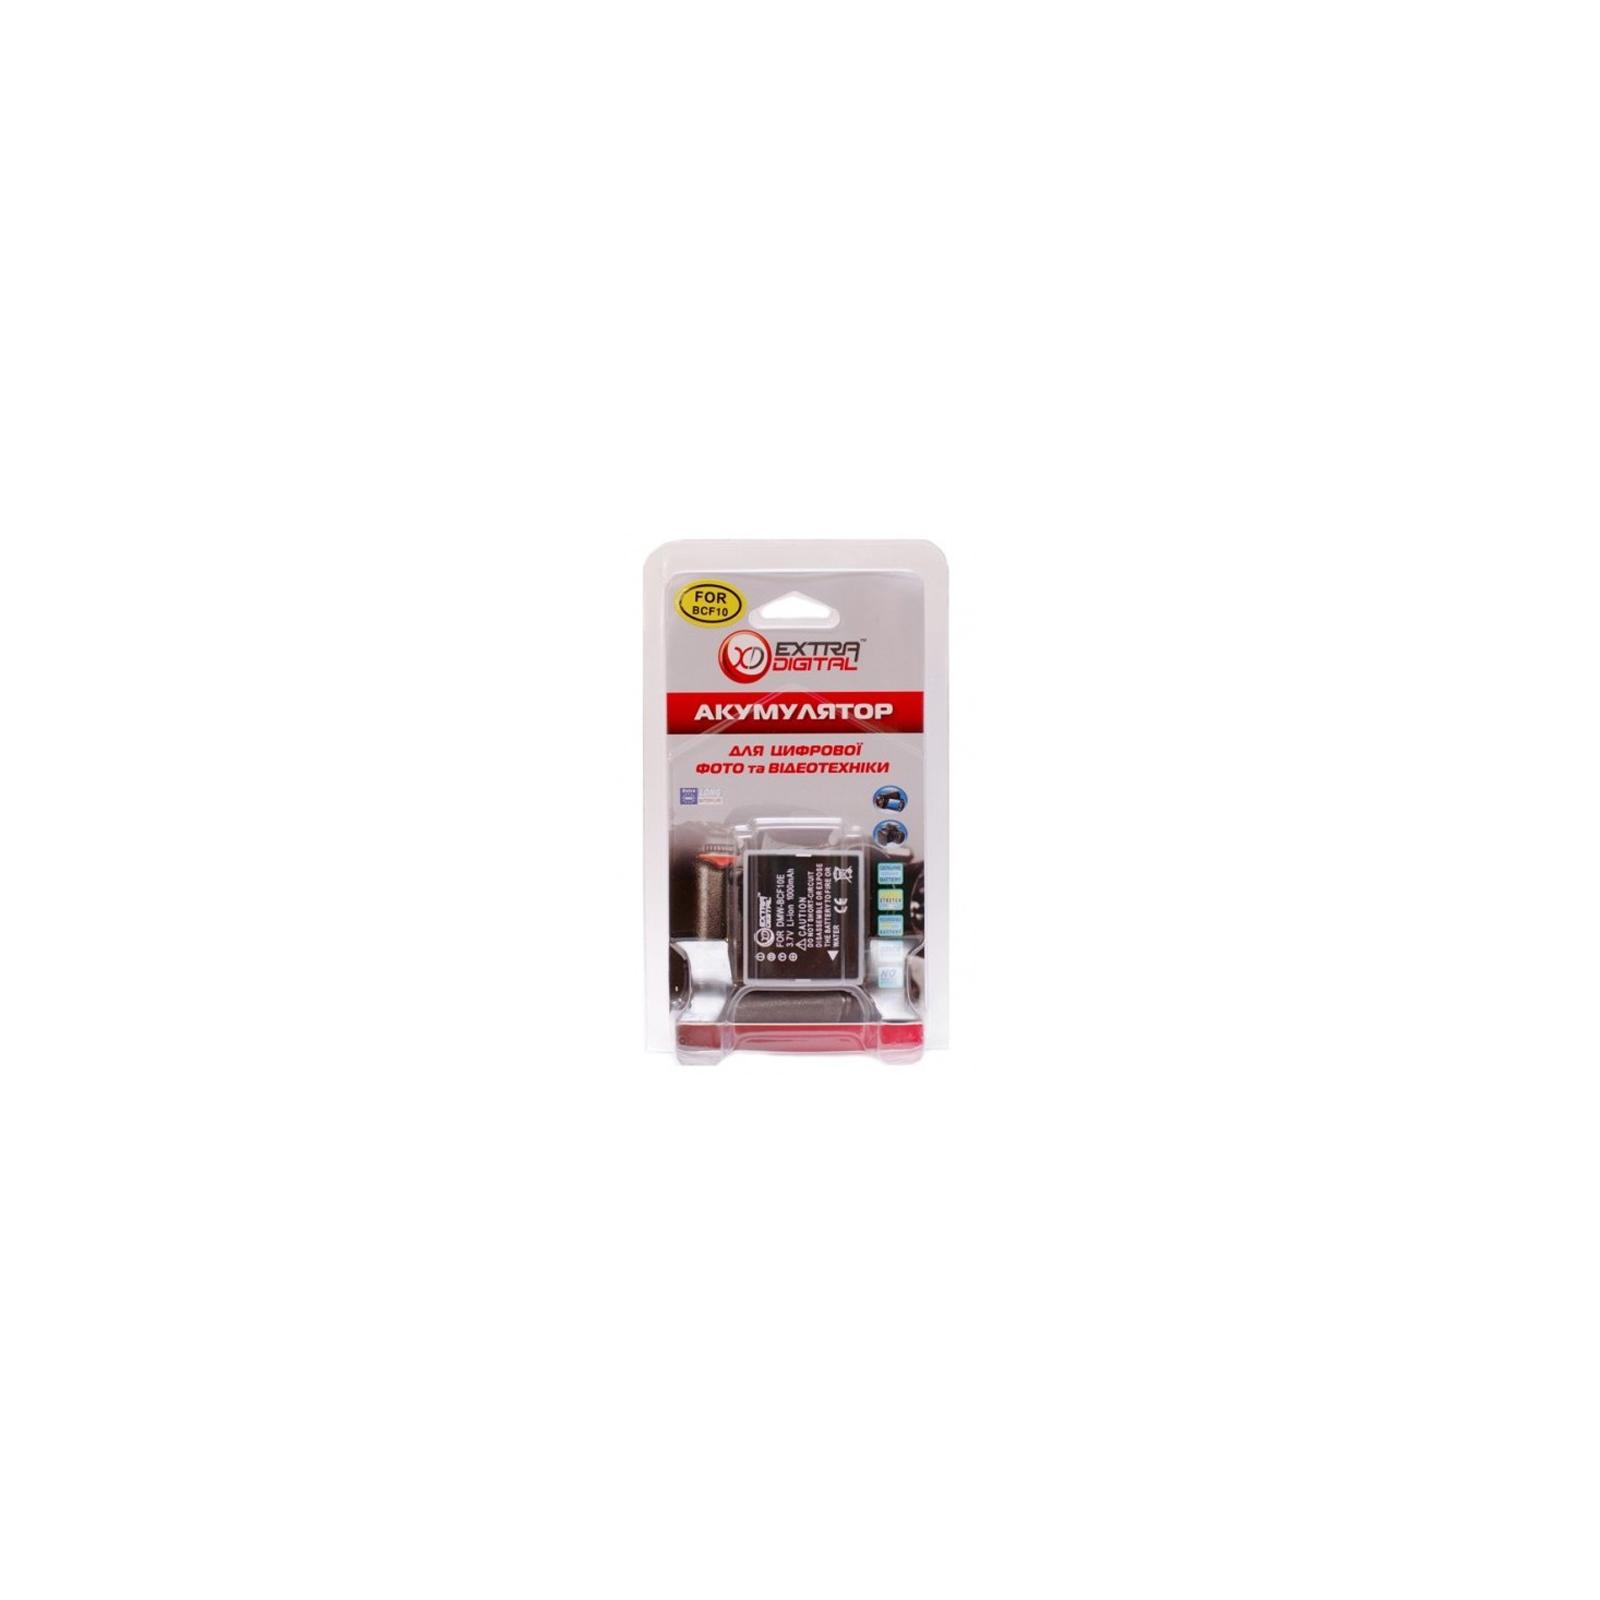 Аккумулятор к фото/видео EXTRADIGITAL Panasonic DMW-BCF10 (BDP2557) изображение 3